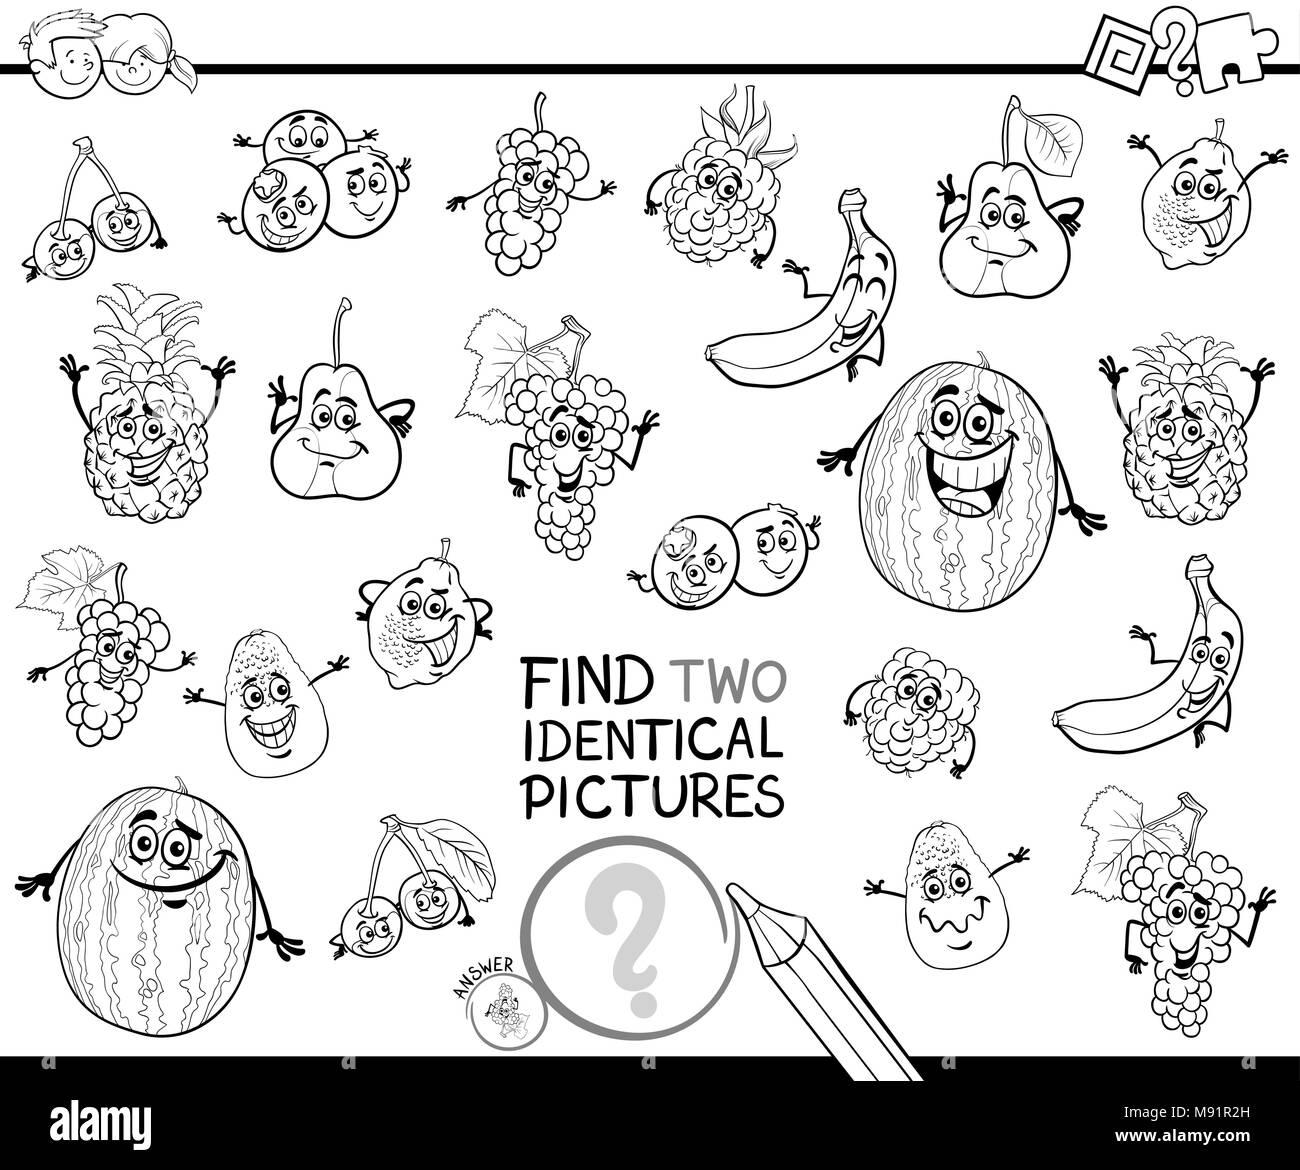 Bianco E Nero Cartoon Illustrazione Di Trovare Due Immagini